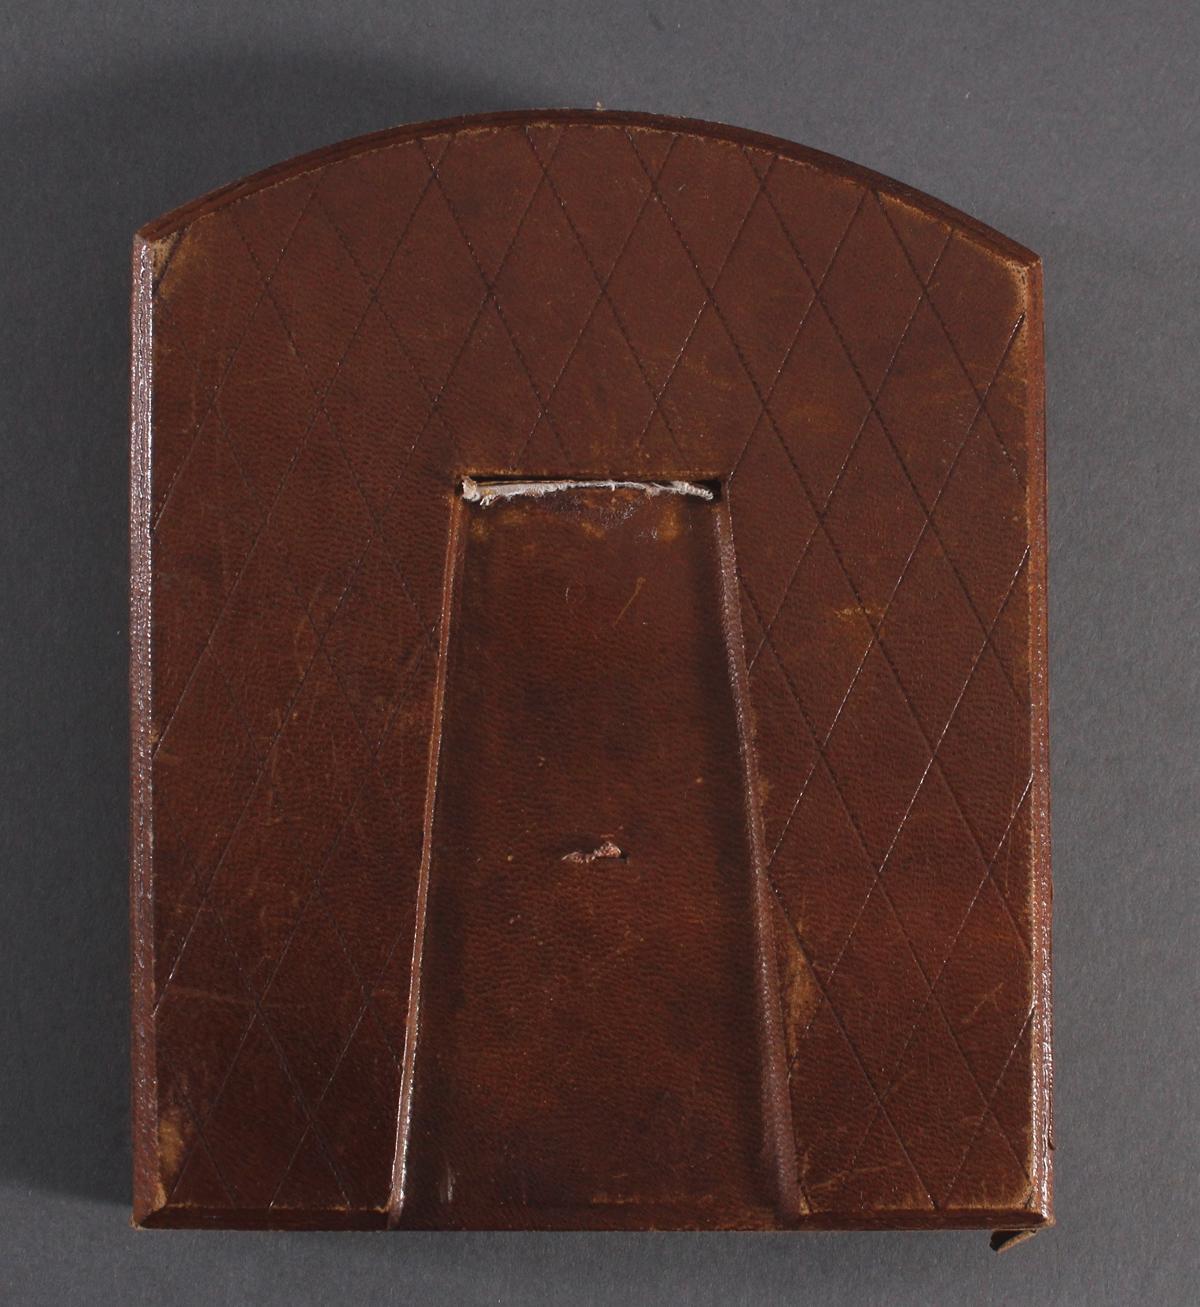 Bronzemedaille im Etui, Frankreich um 1900, signiert Ruffony, Virgo Maria-5